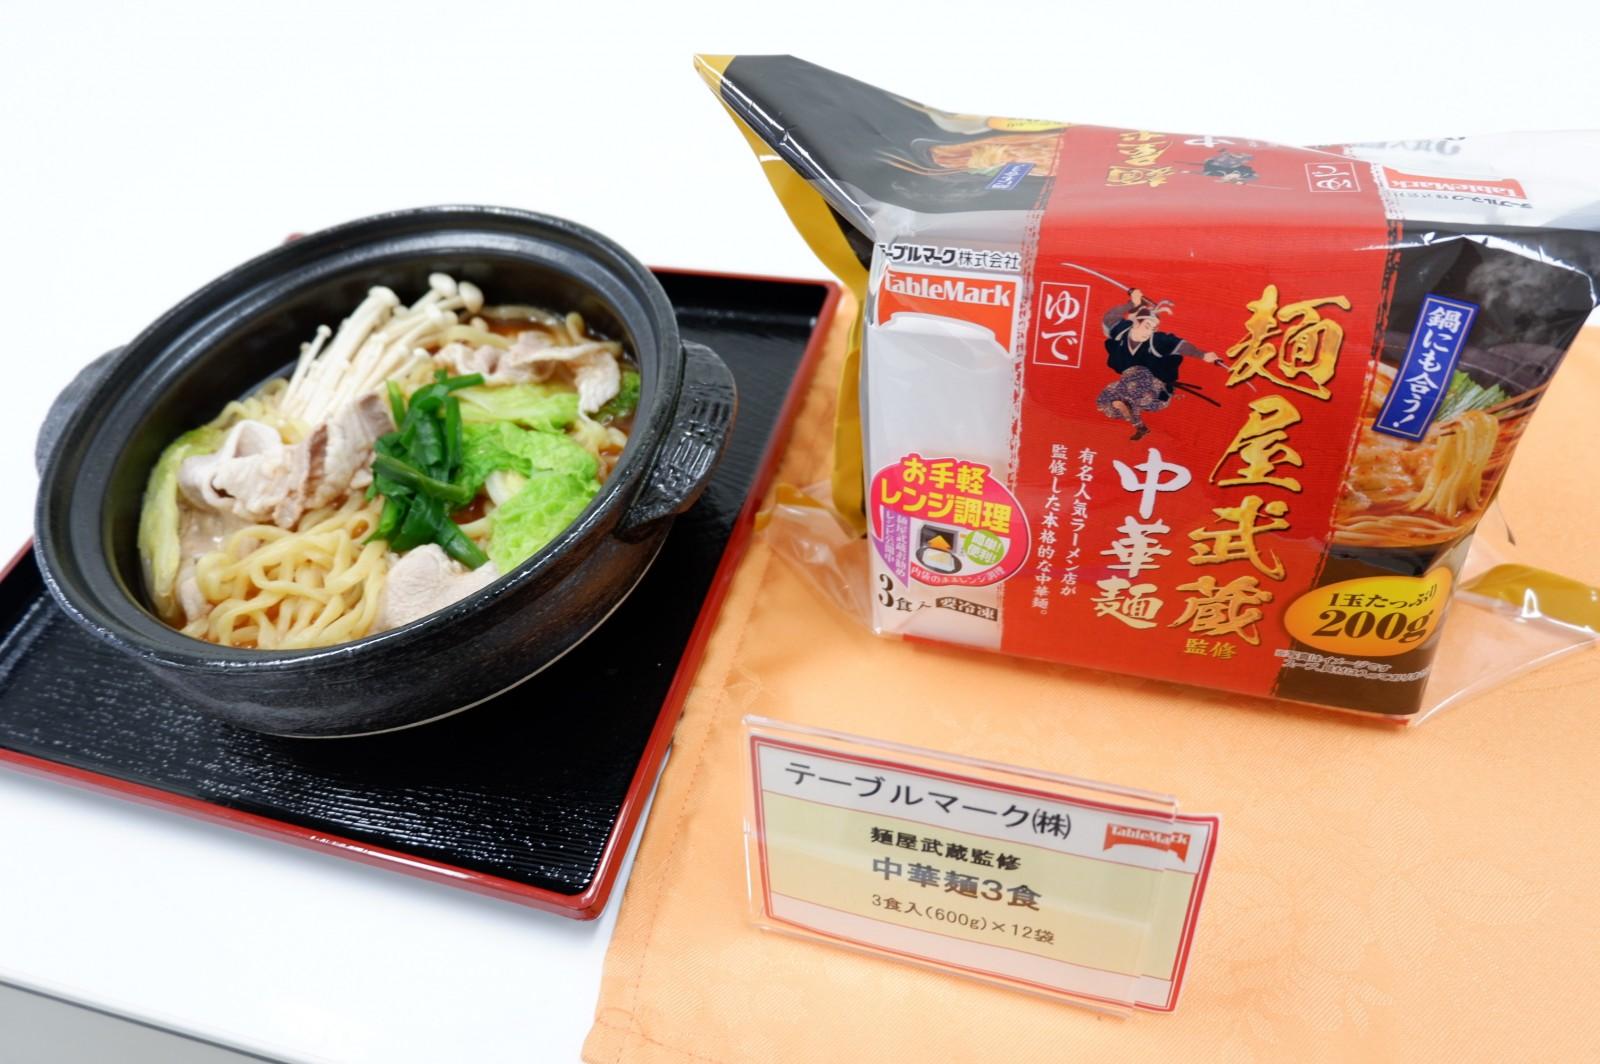 鍋の〆は冷凍中華麺、しかも人気ラーメン店「麵屋武蔵」監修、具付きの麺もあります